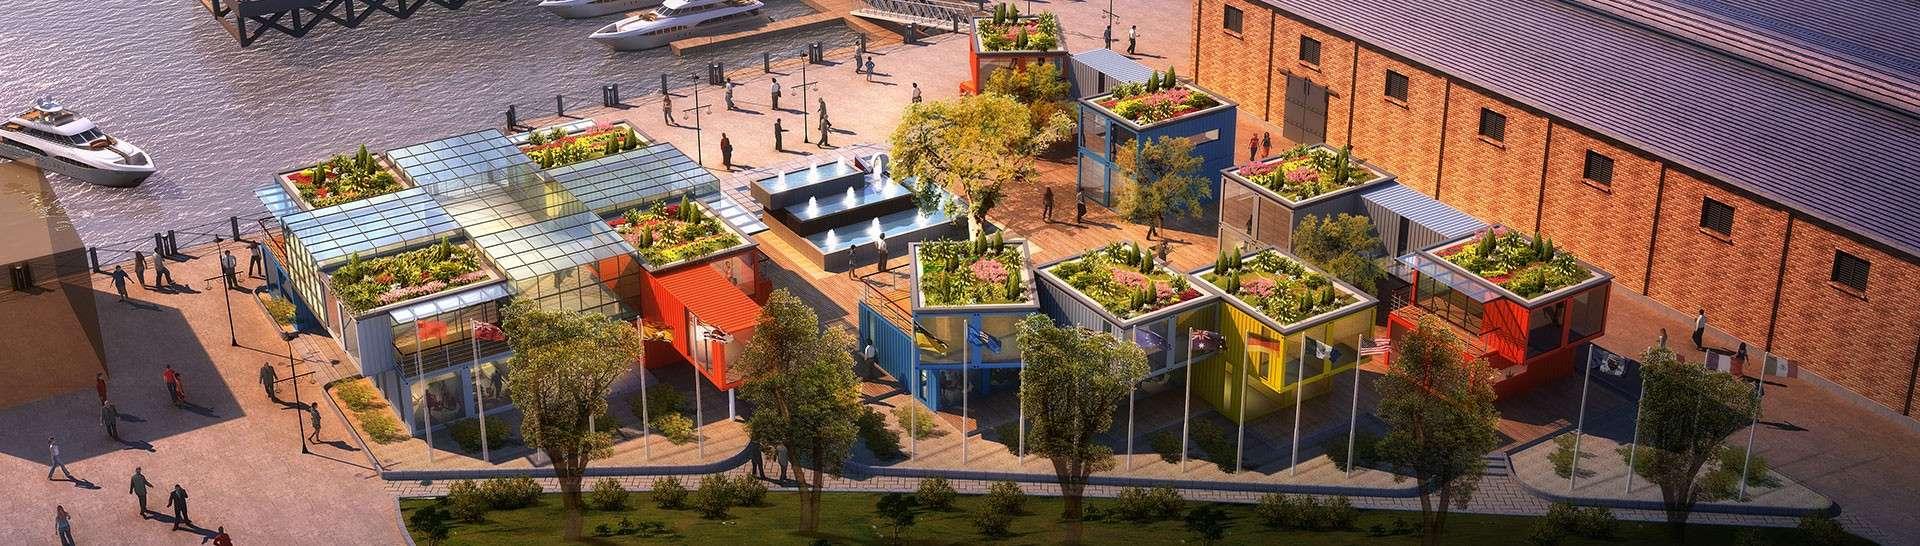 Home Container – Construction de Commerces & Maisons Containers